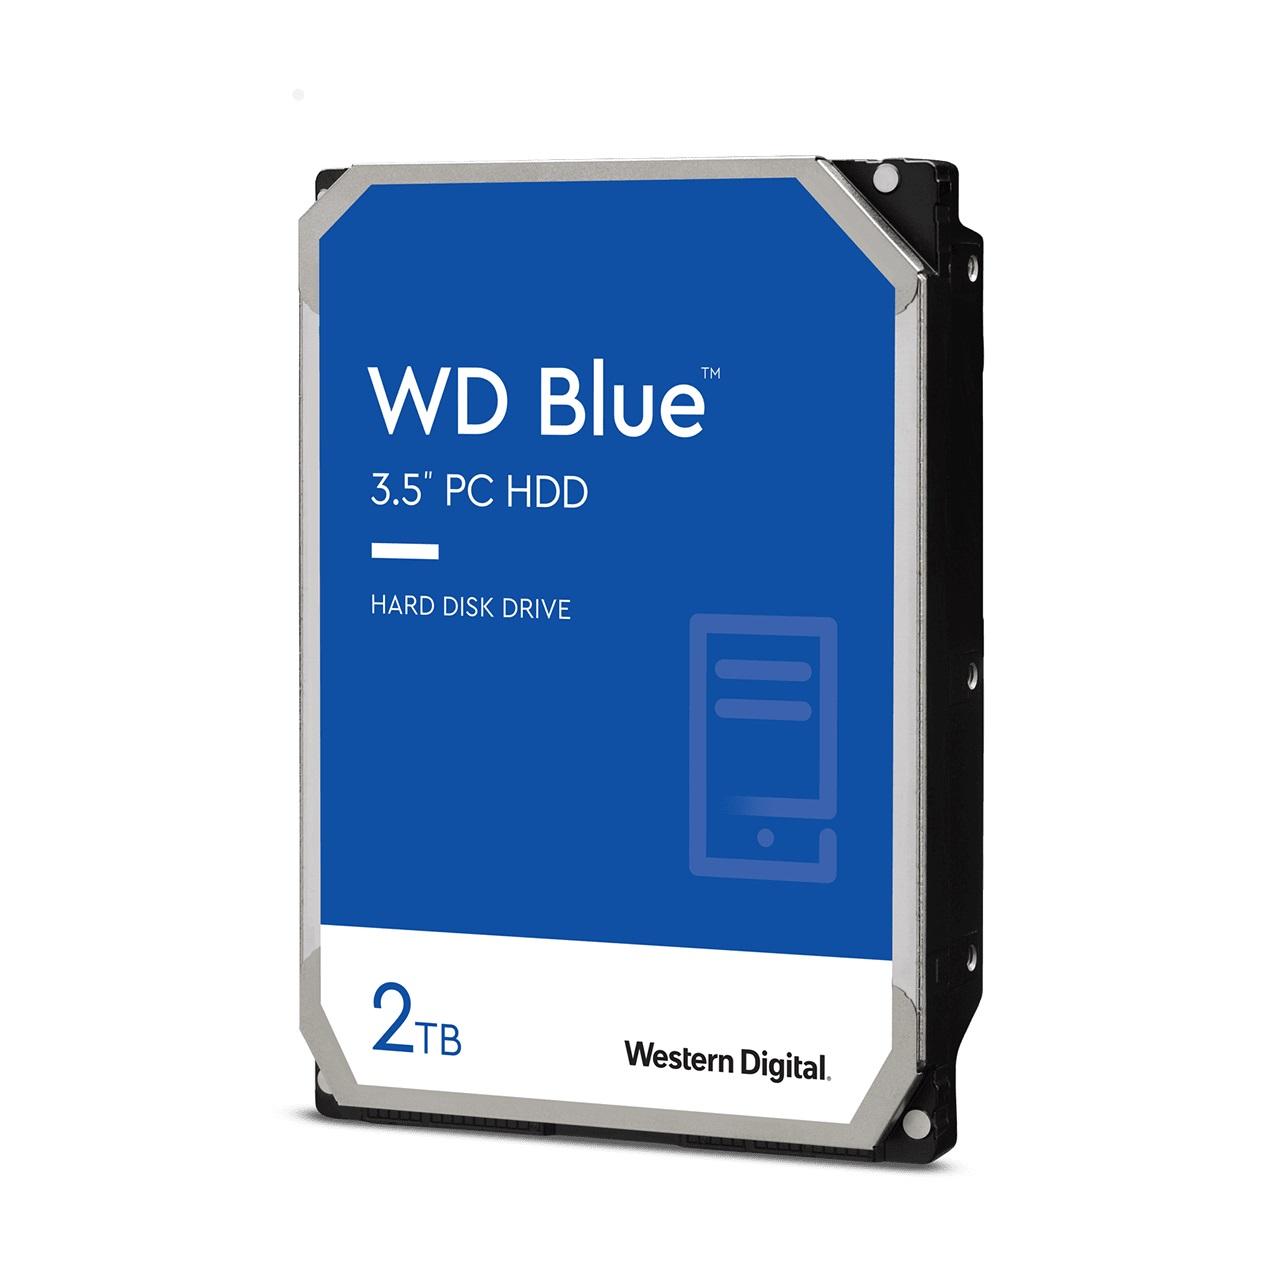 WD Blue 2TB Internal HDD